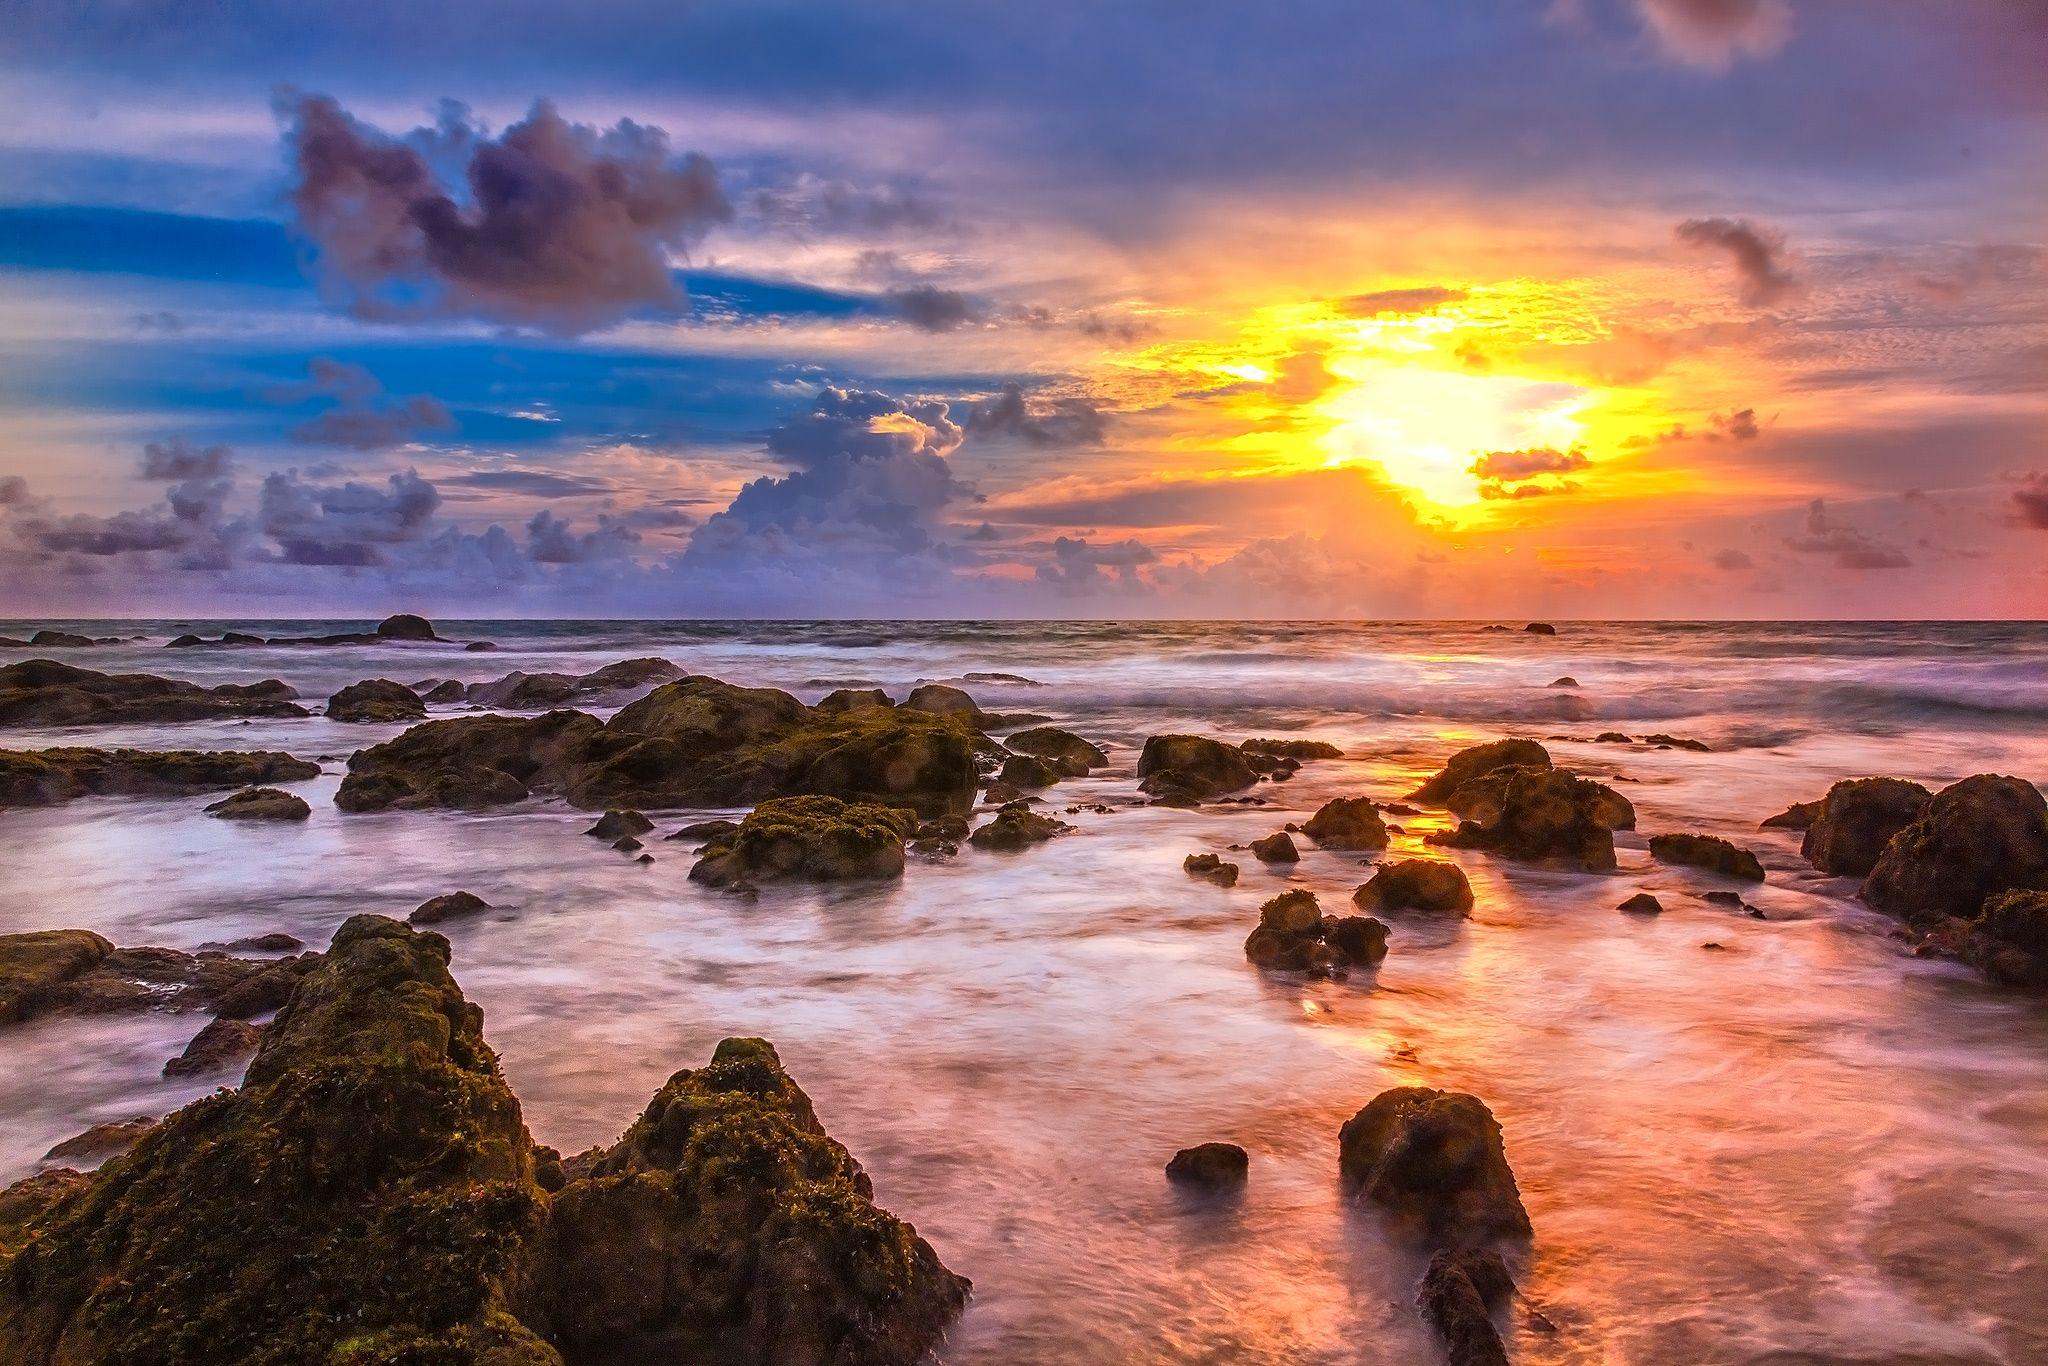 Pilai Beach by ichoo2000